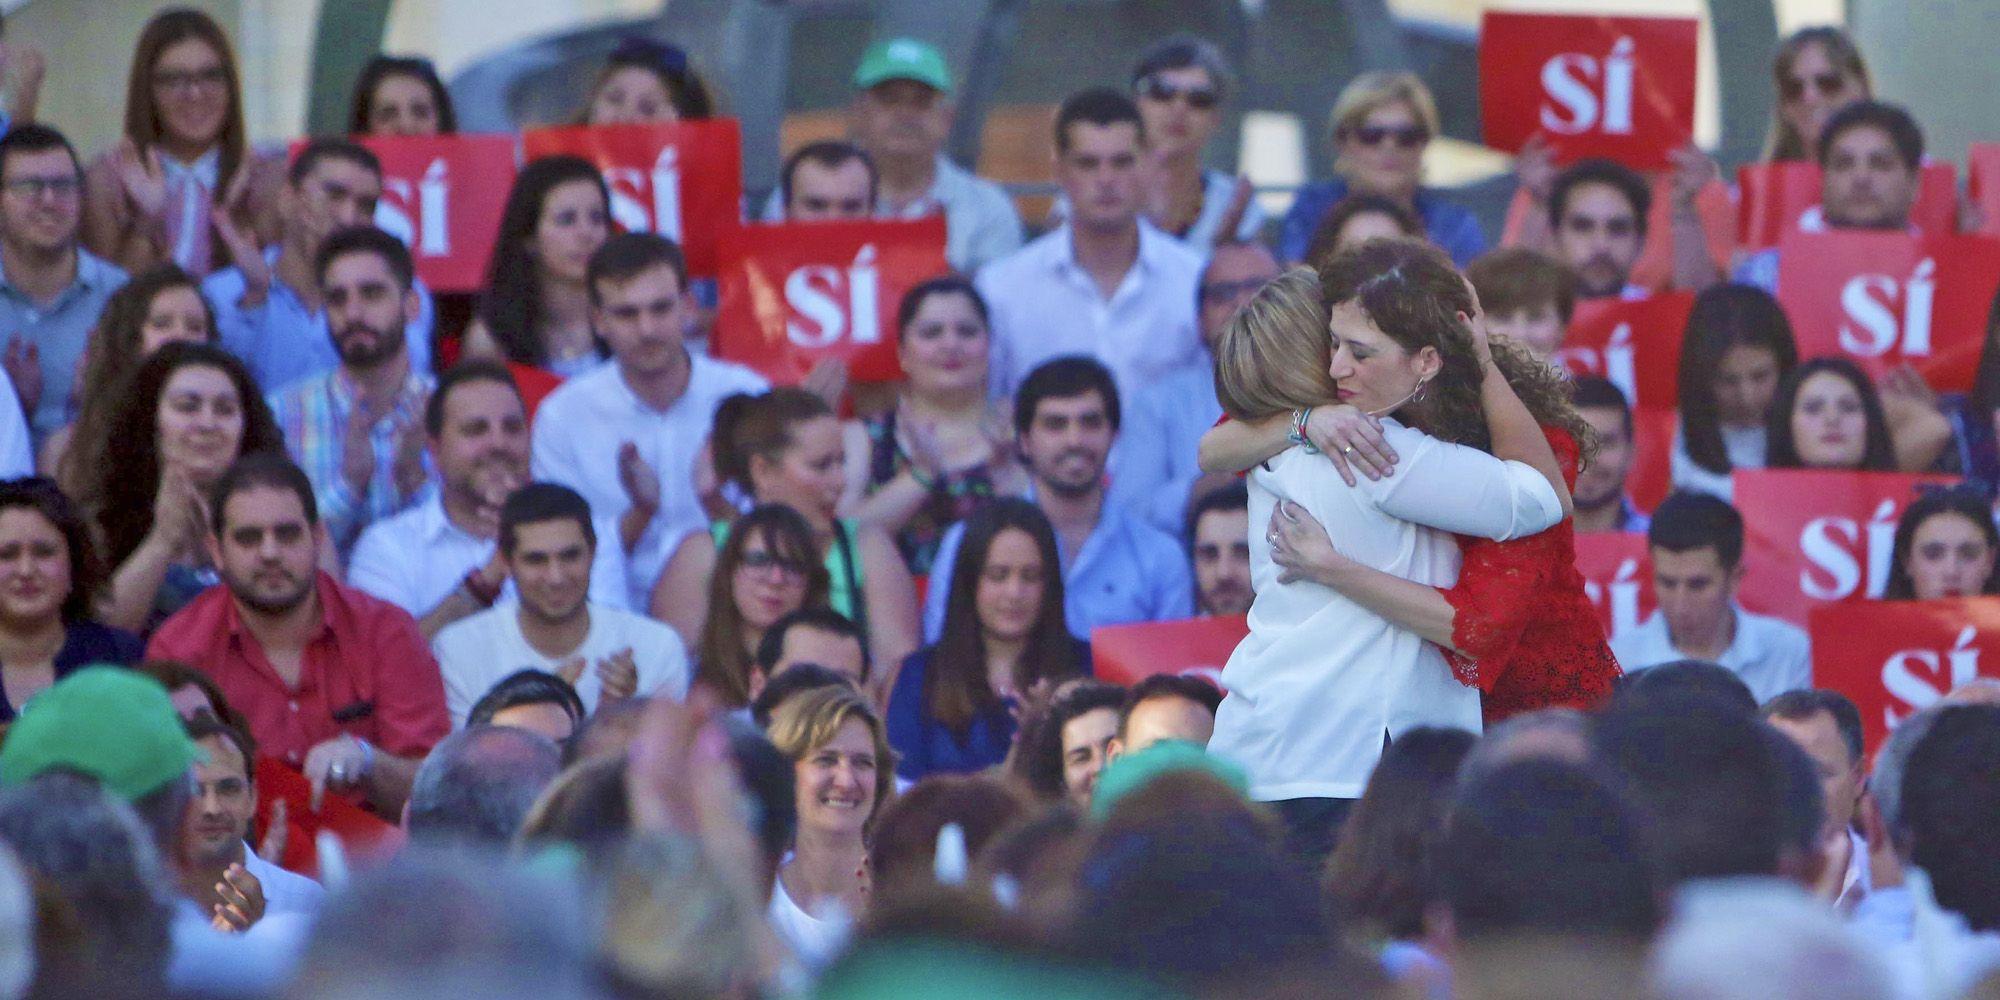 Miriam Alconchel, candidata nº 2 al Congreso por el PSOE de Cádiz, abrazando a Irene García, presidenta de la Diputación provincial, 6JUN2016   Juan Carlos Corchado para MIRA Jerez